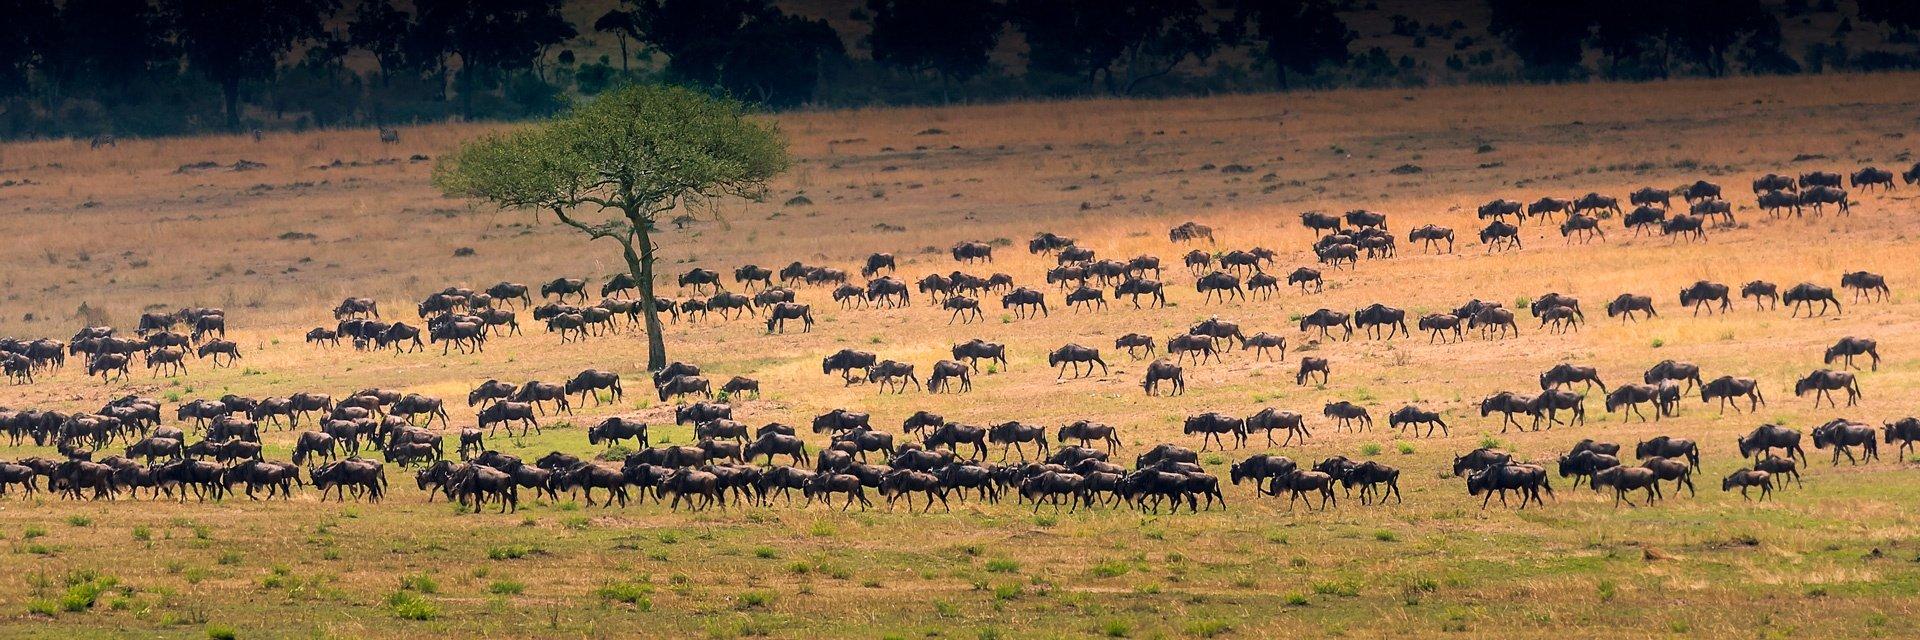 ultimate-tanzania-itinerary-2